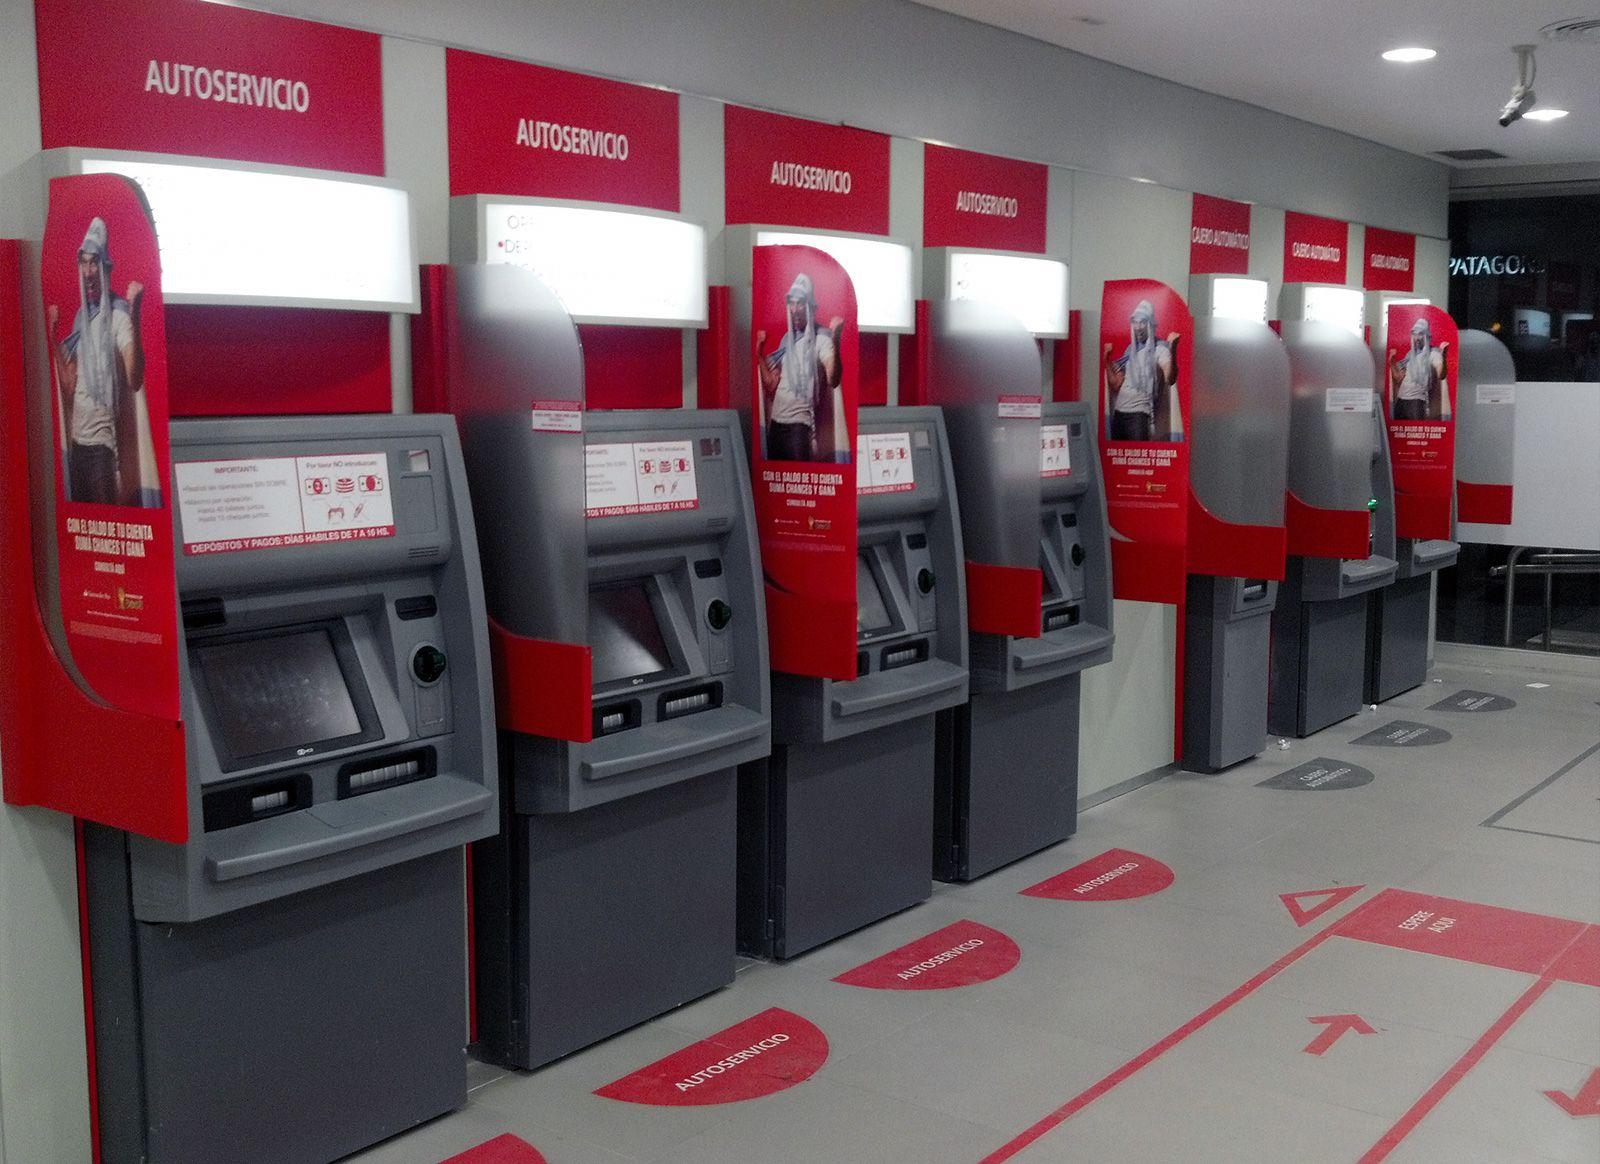 Rompieron La Puerta De Un Banco Con Una Maza Y Robaron 200